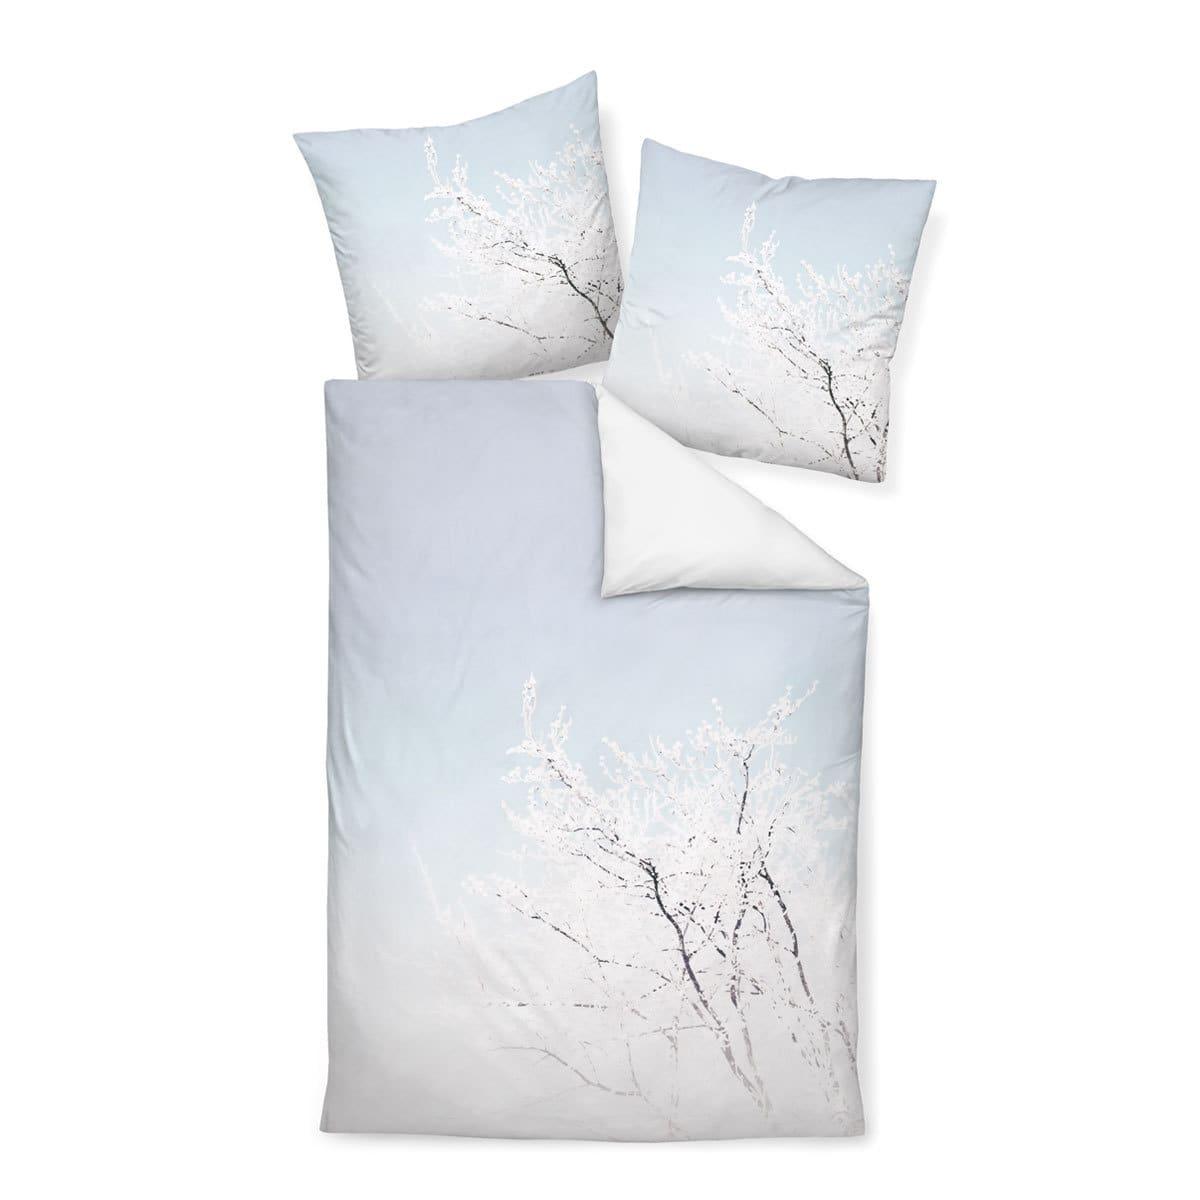 janine mako satin bettw sche modern art 42018 02 eisblau g nstig online kaufen bei bettwaren shop. Black Bedroom Furniture Sets. Home Design Ideas